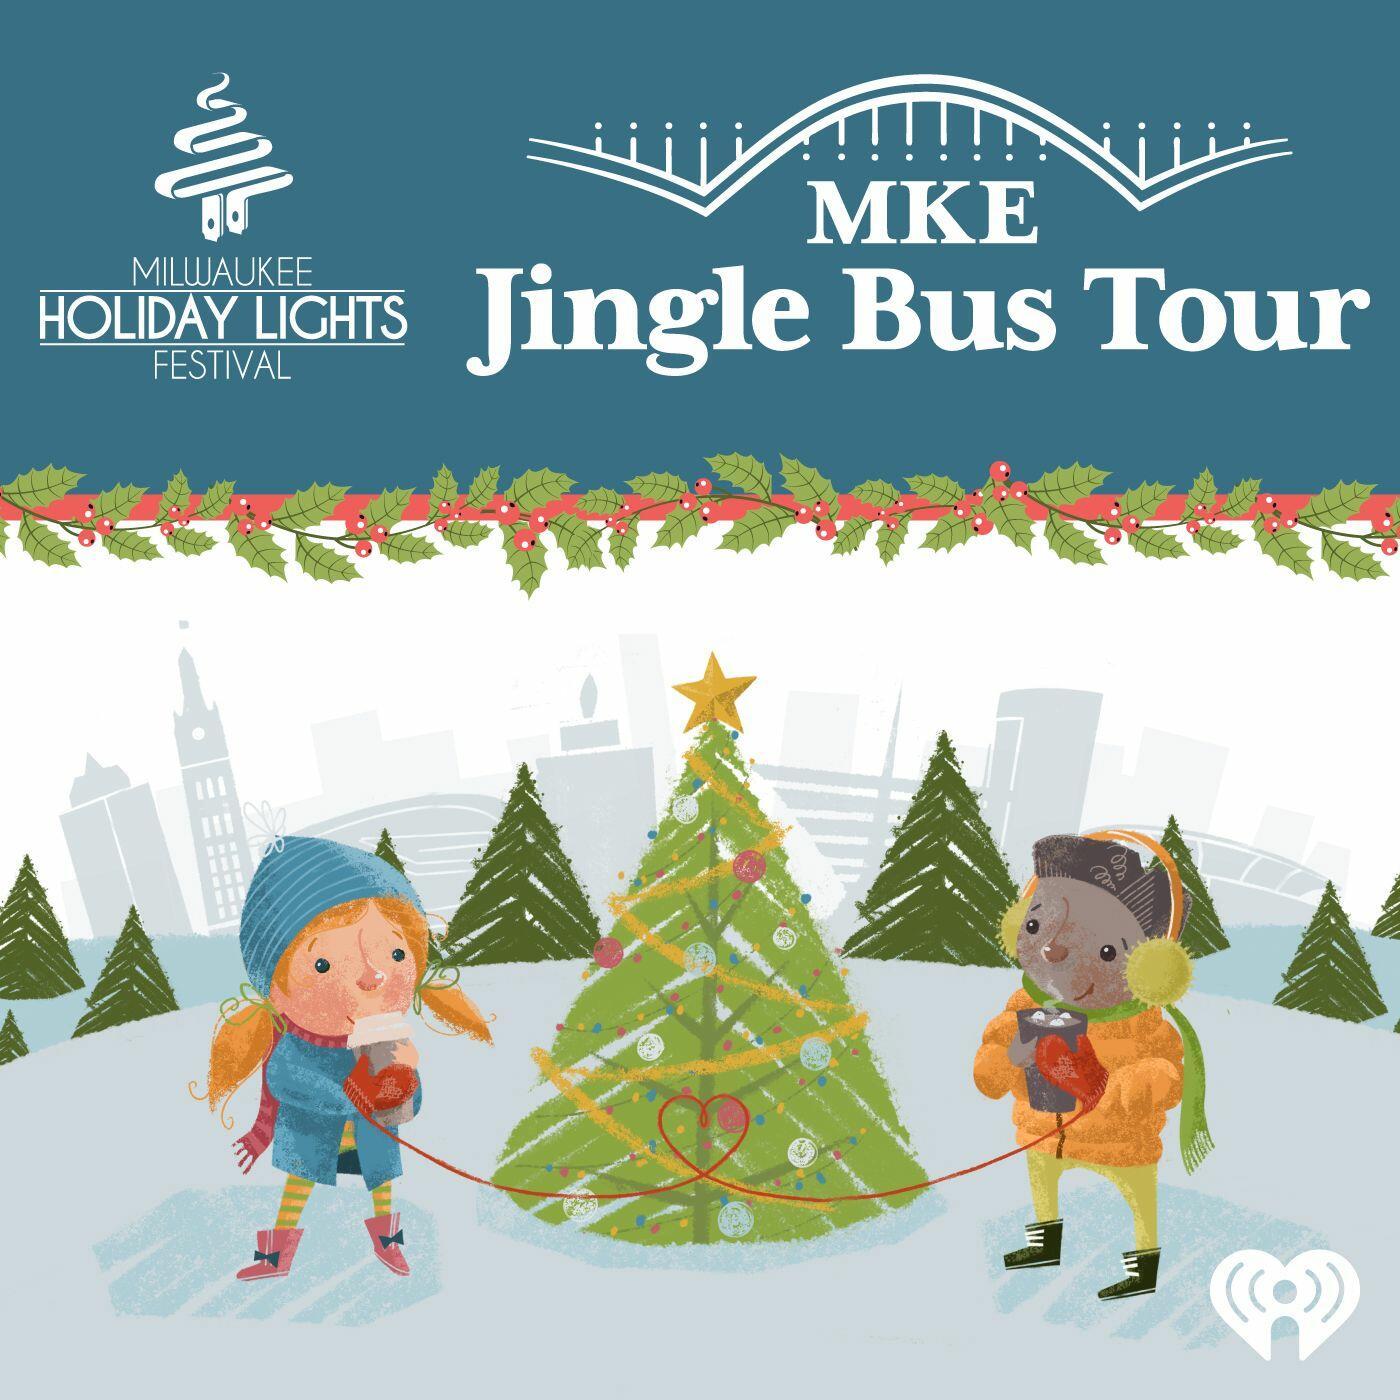 Mke Jingle Bus Tour - Spanish